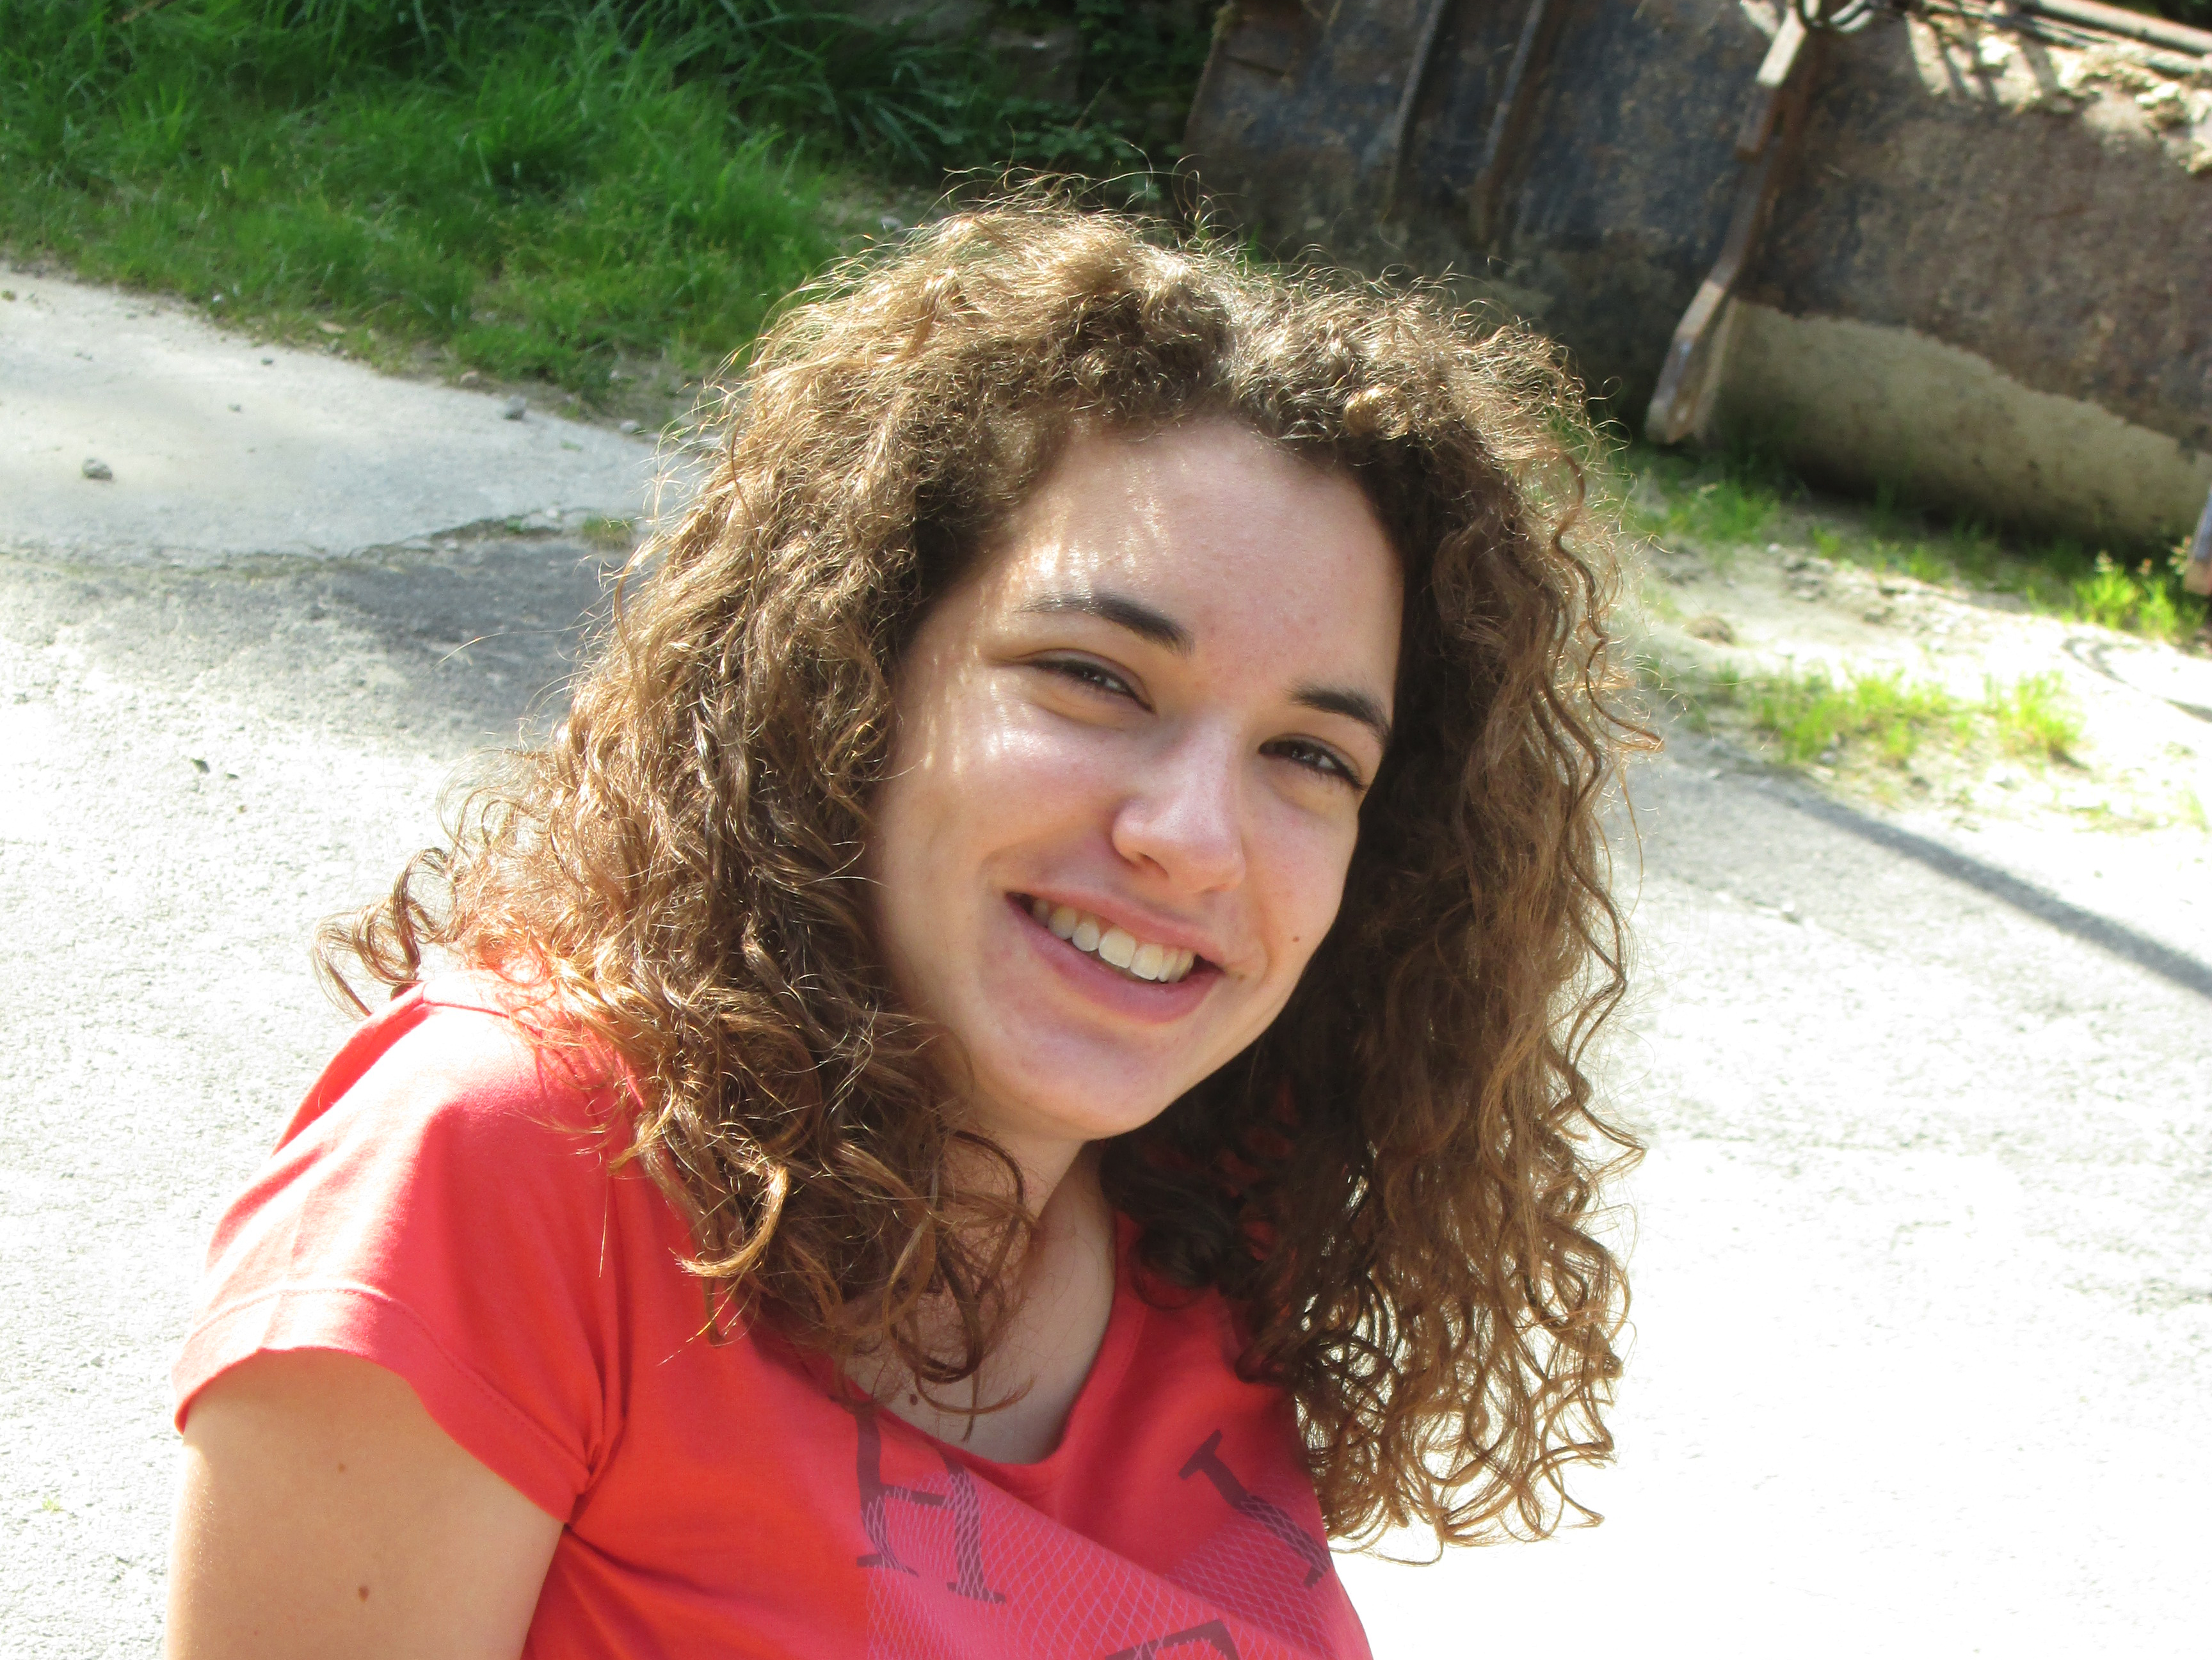 Le joyeux sourire de Nathalie